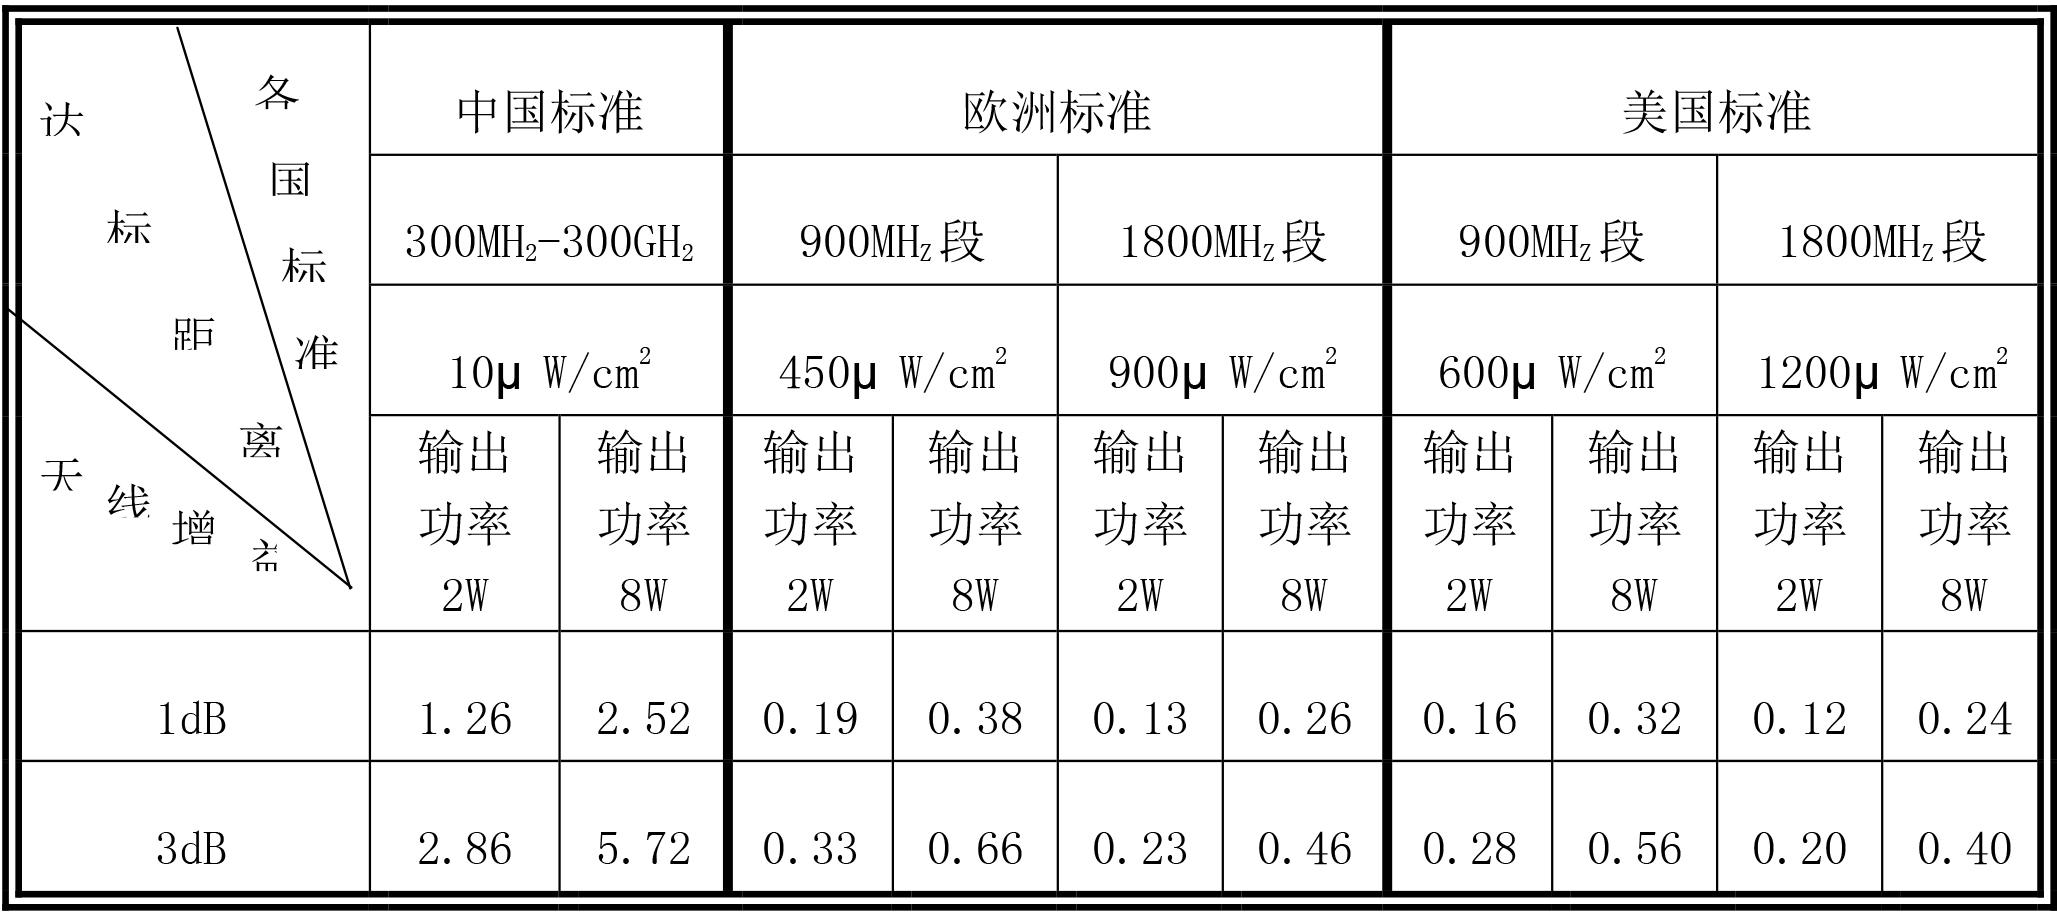 集科-辐射标准说明图